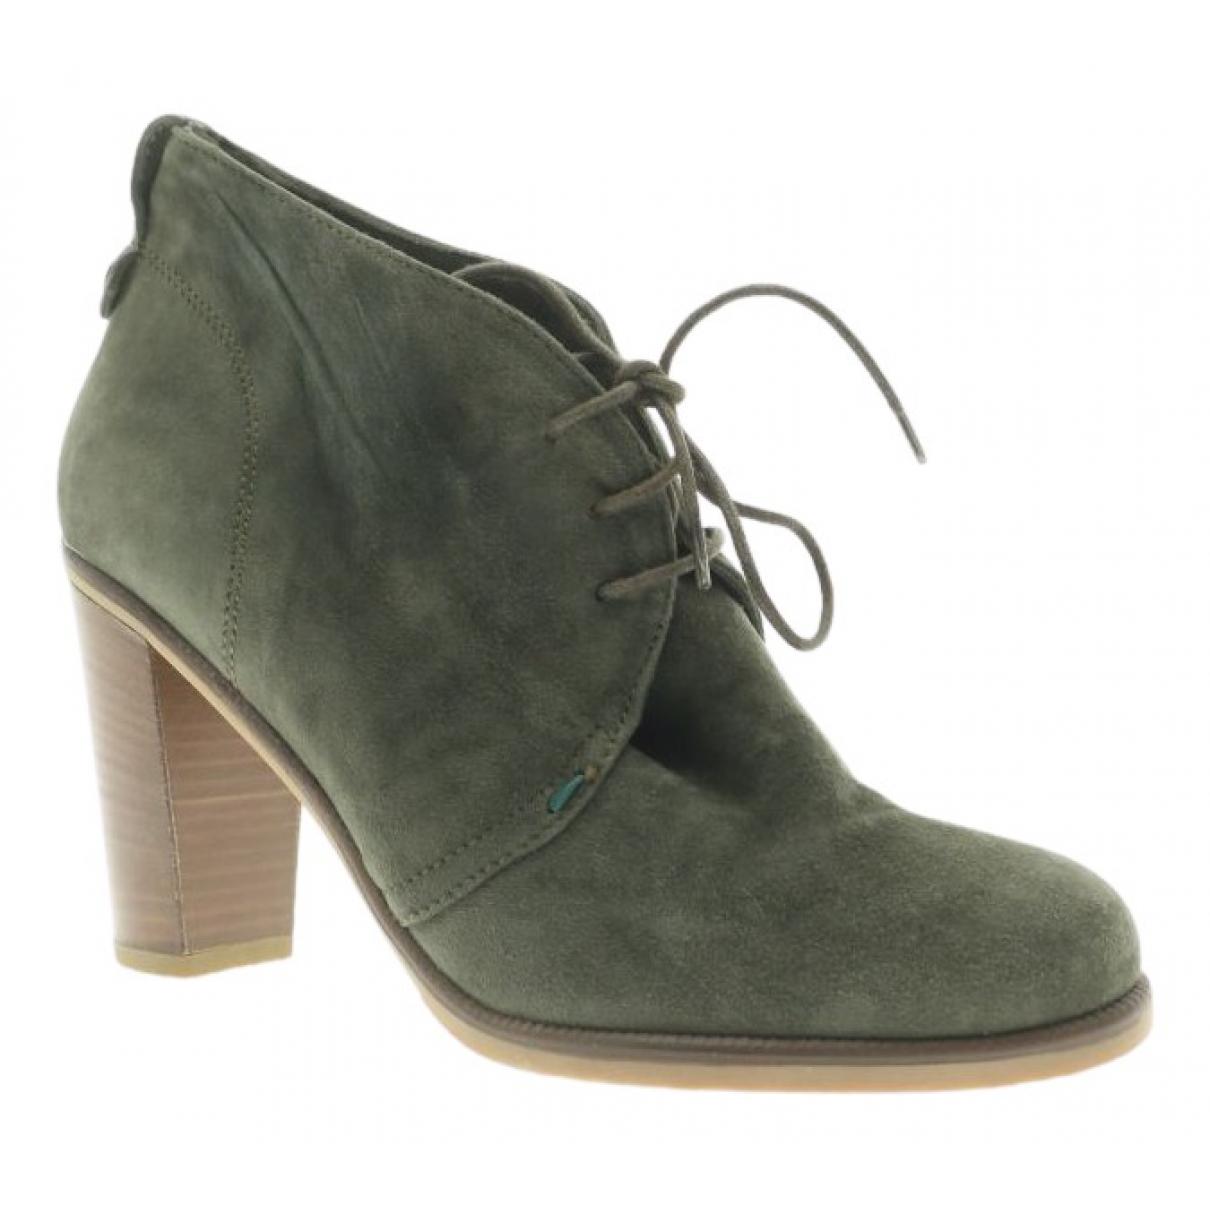 Gant - Boots   pour femme en fourrure - vert